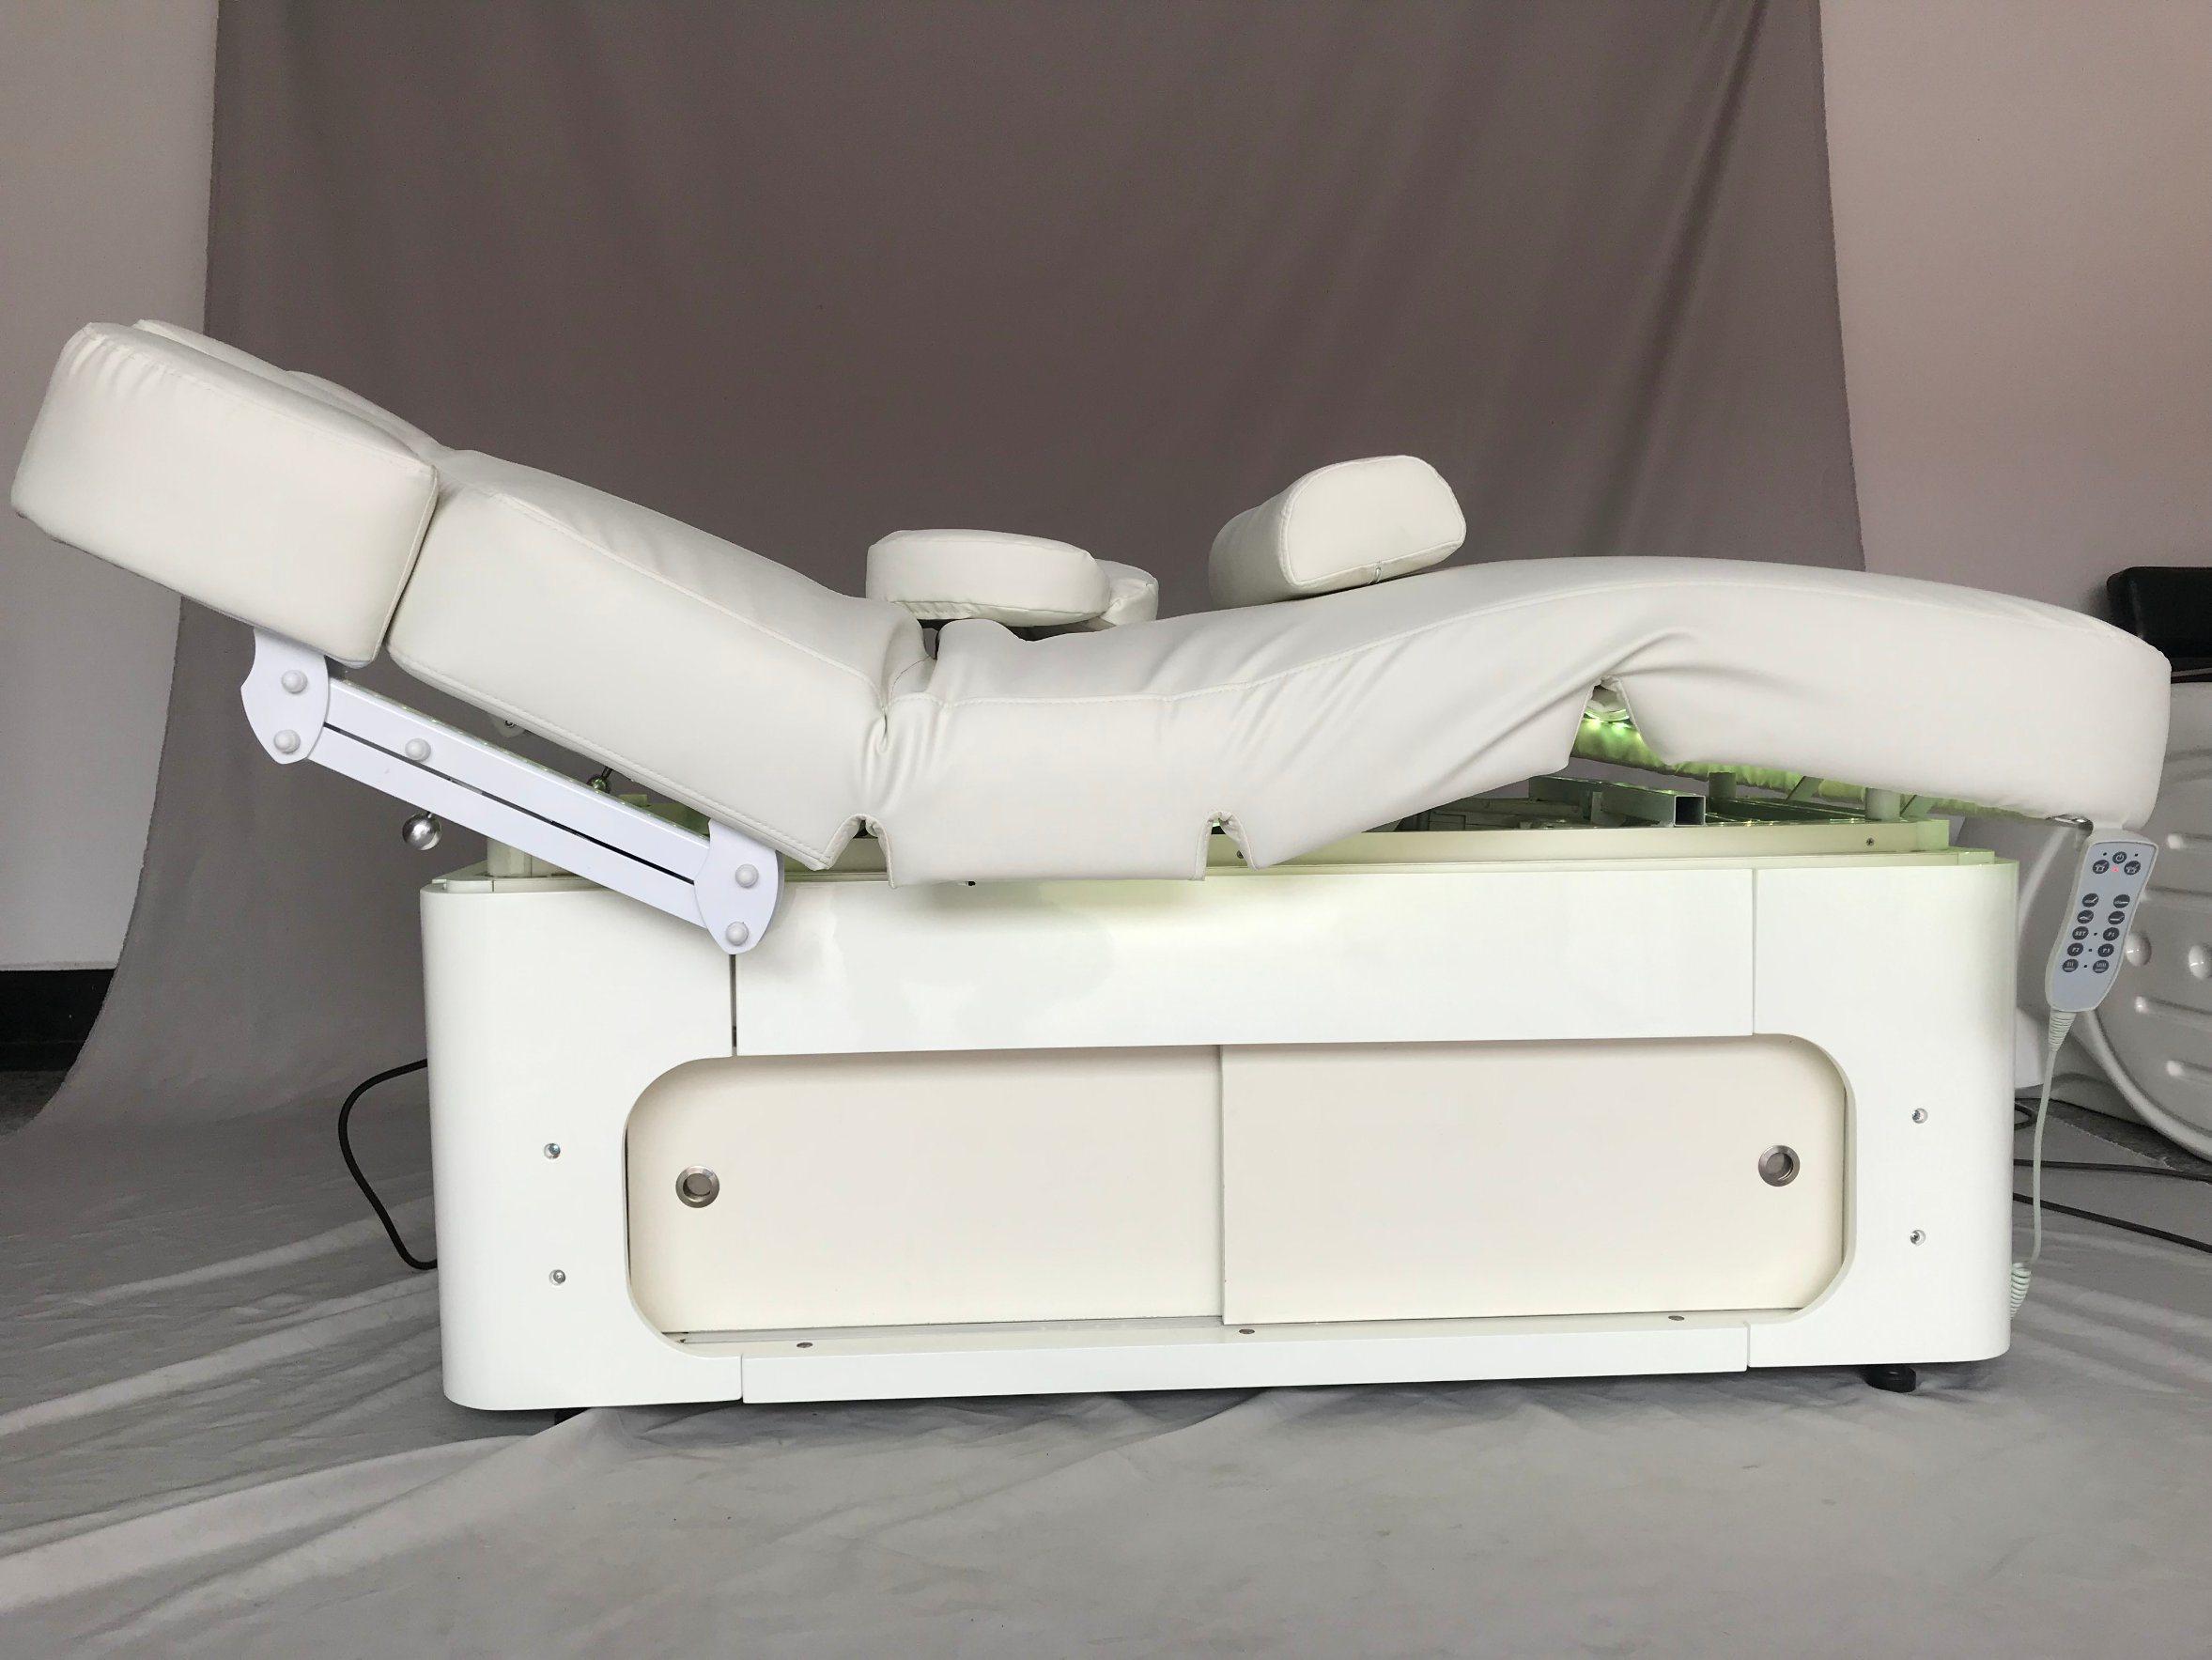 Hoogwaardige thermische massage bed comfortabele SPA Massage tafel met Grote opslagkast (20D02)